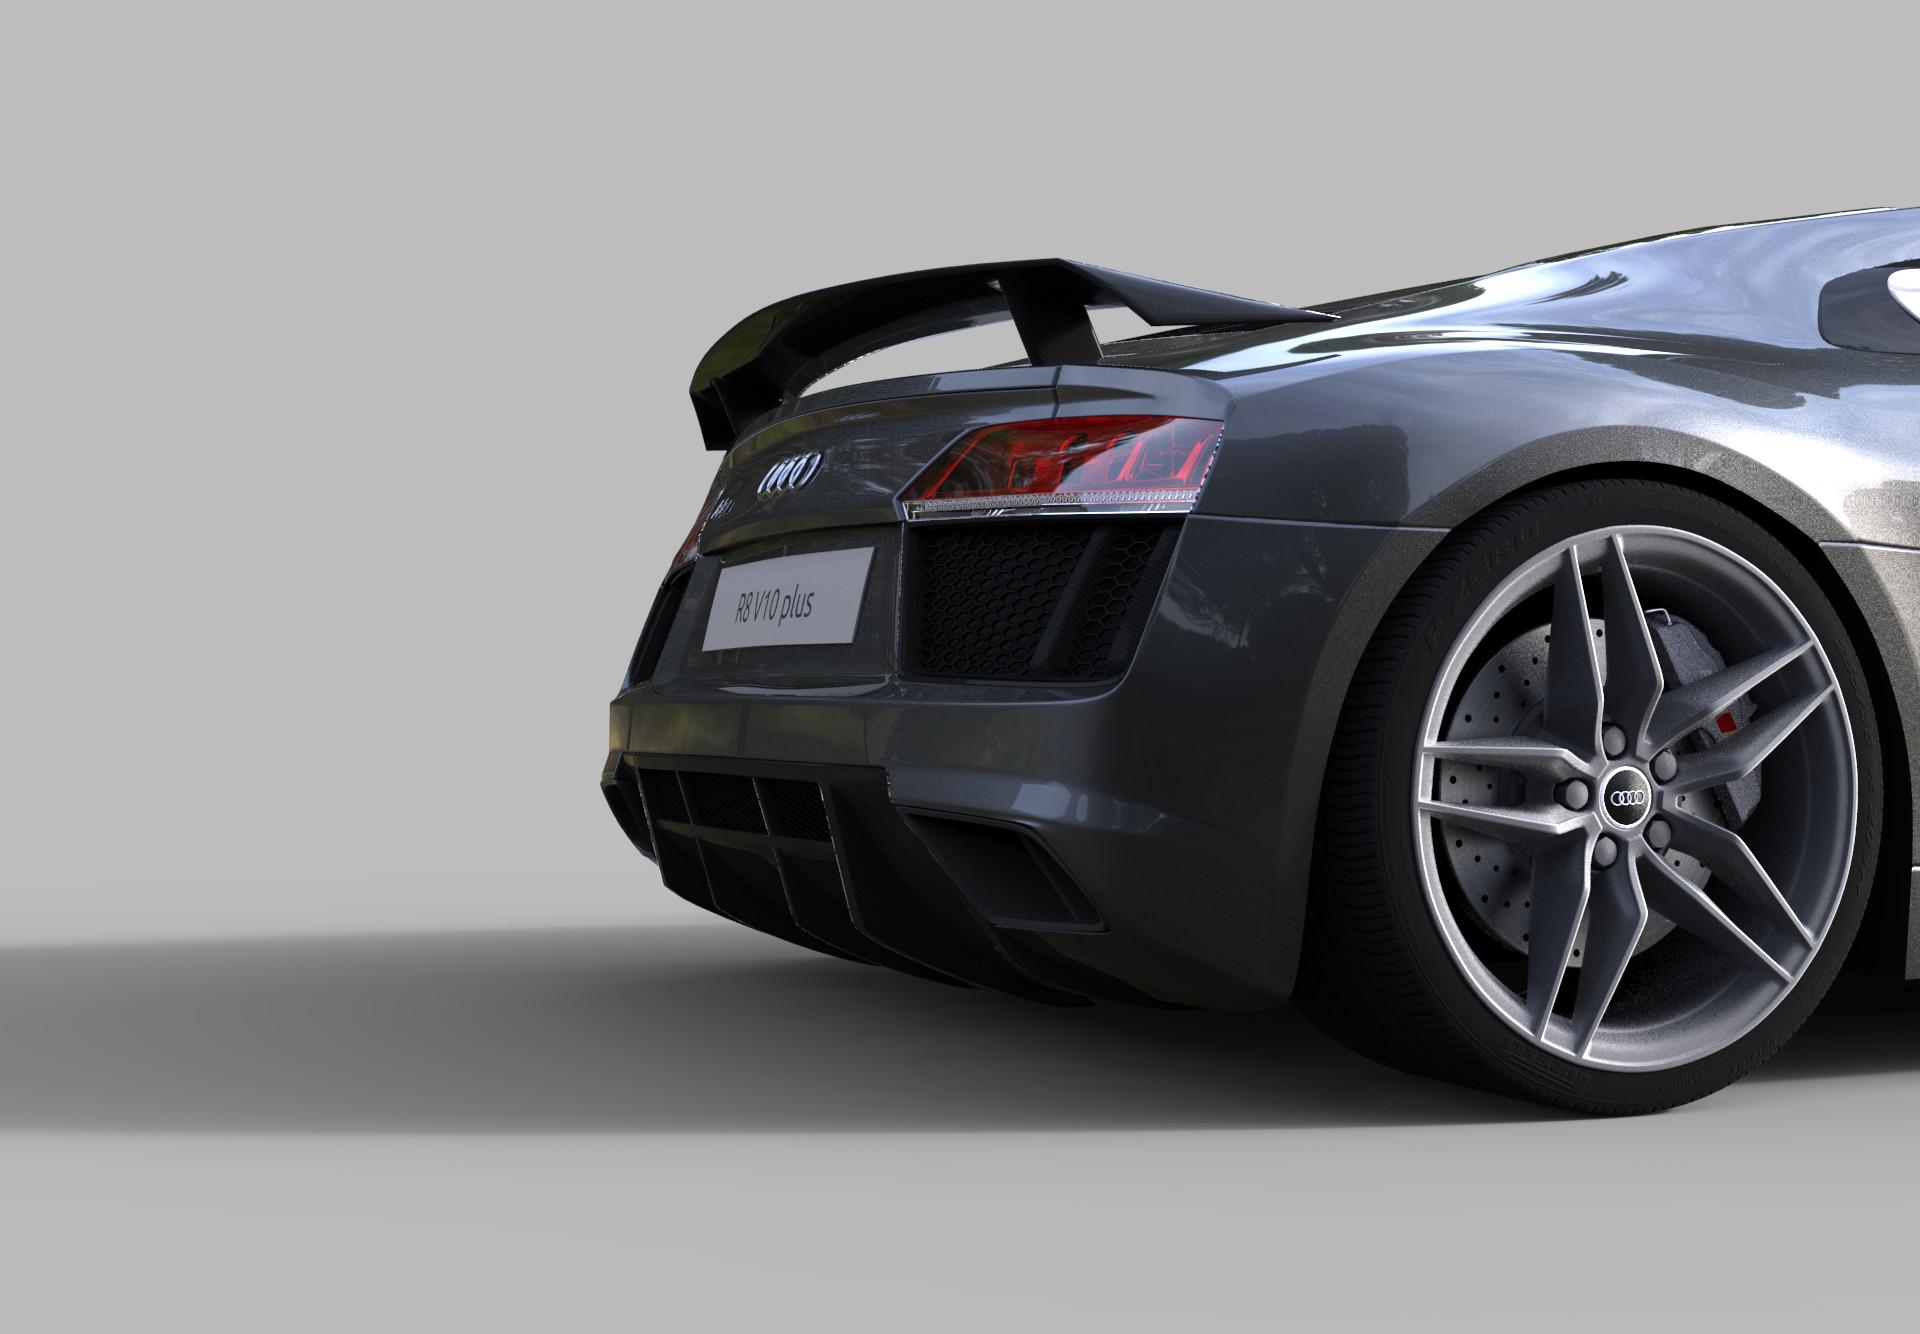 Audi R8 V10 PLUS 2017 - BlenderNation